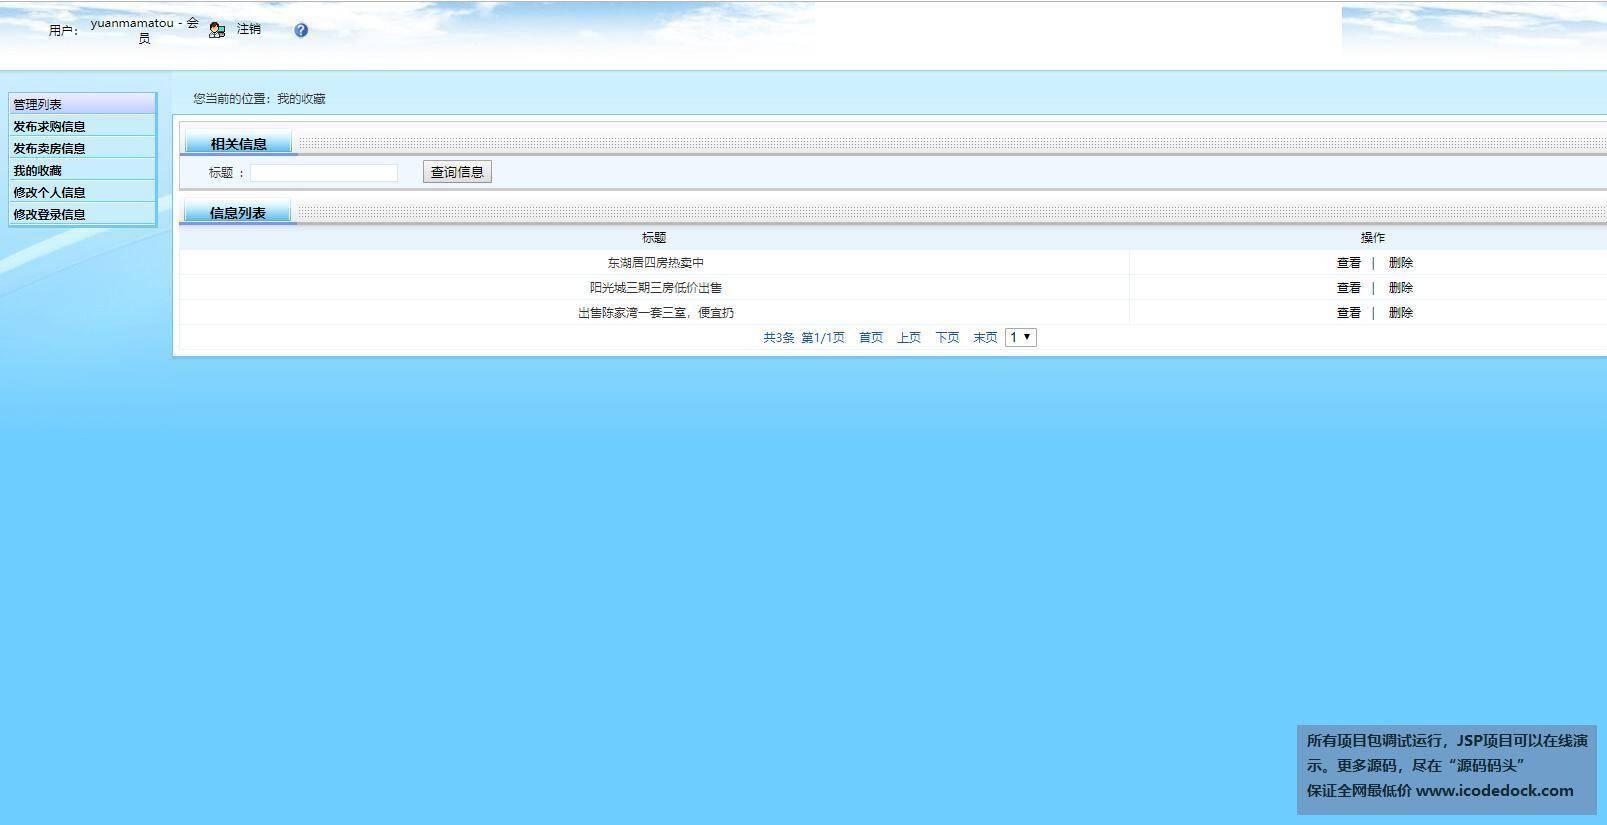 源码码头-SSH房屋线下销售网站管理系统-用户角色-信息中心-查看我的收藏